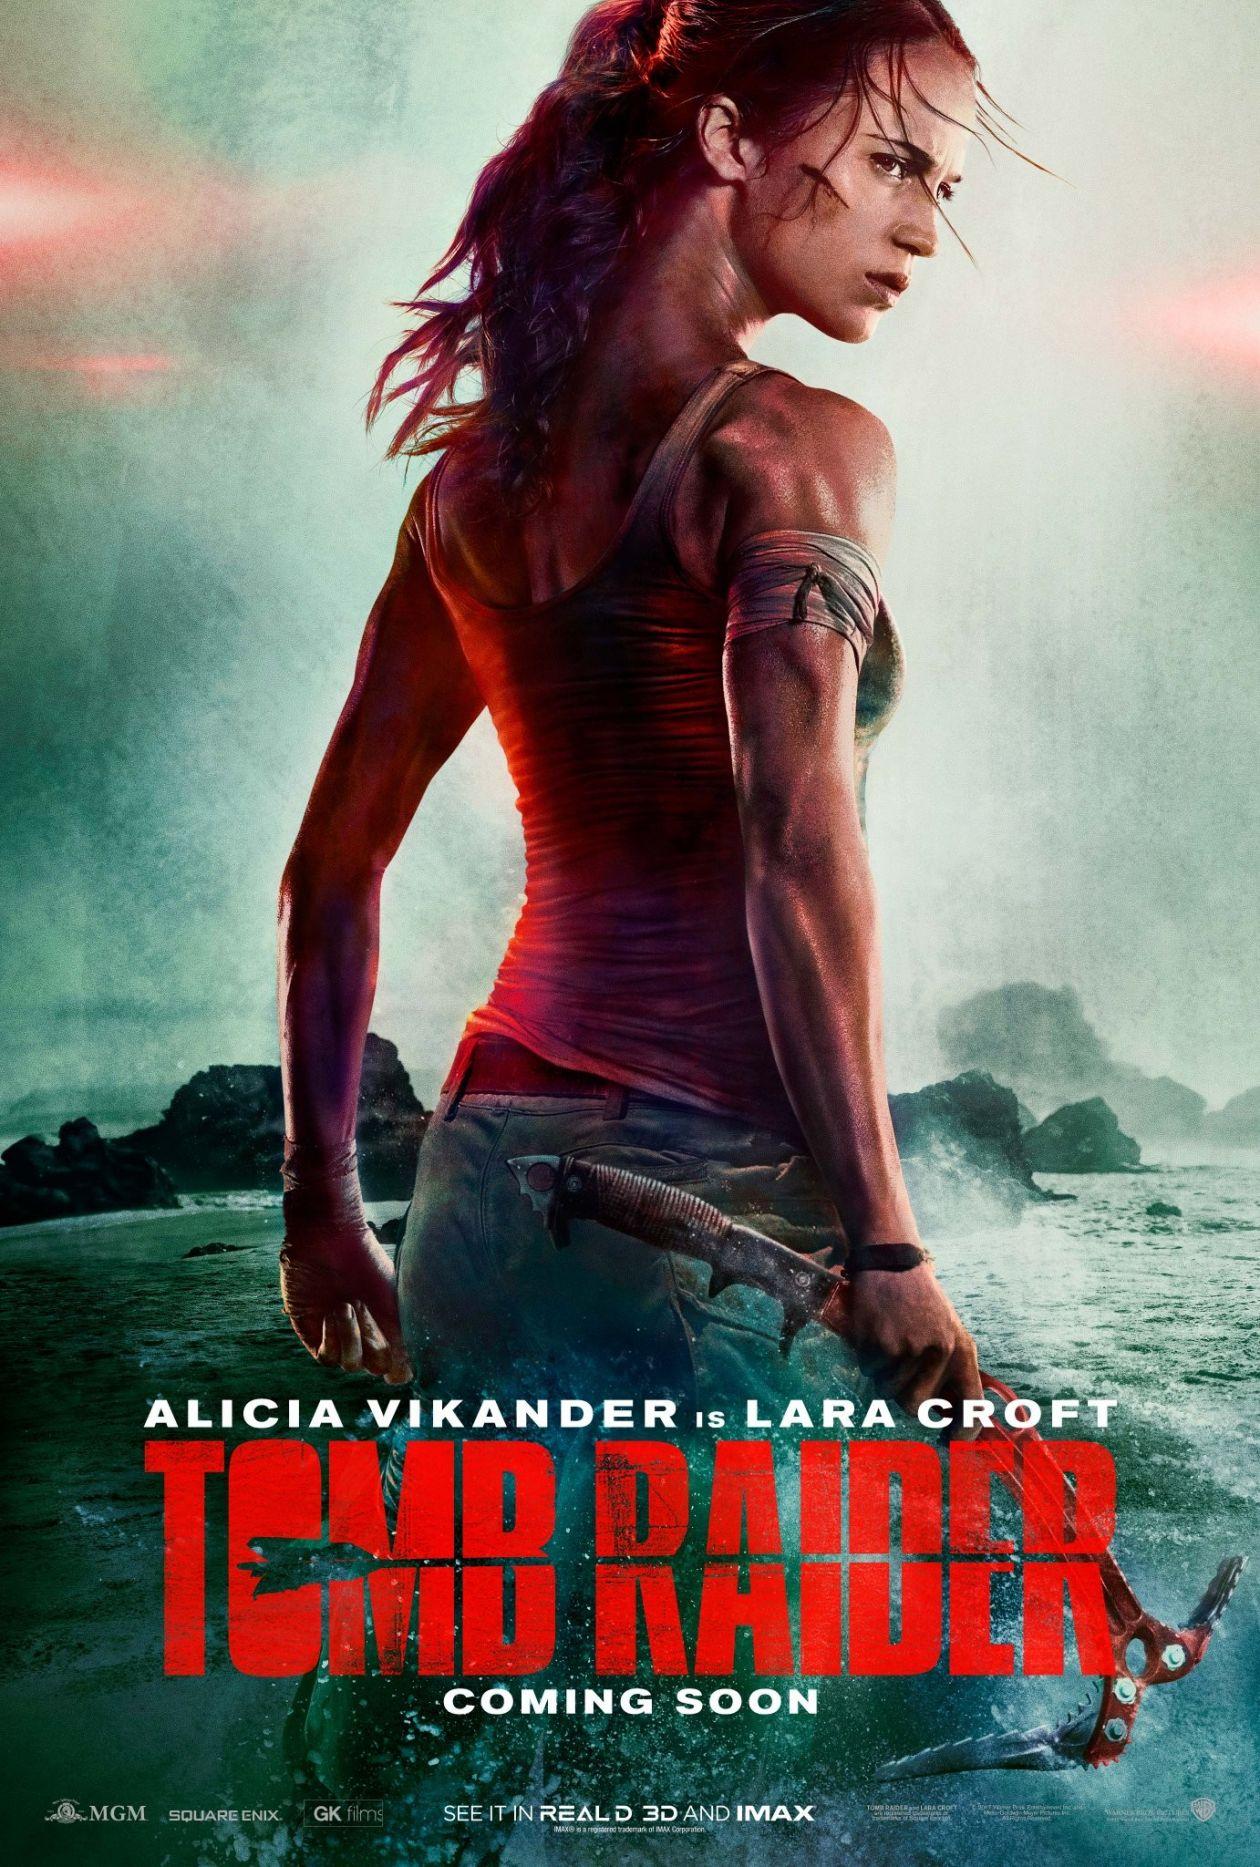 Alicia Vikander / Lara Croft / Tomb Raider 2018 Movie Poster Affiche film